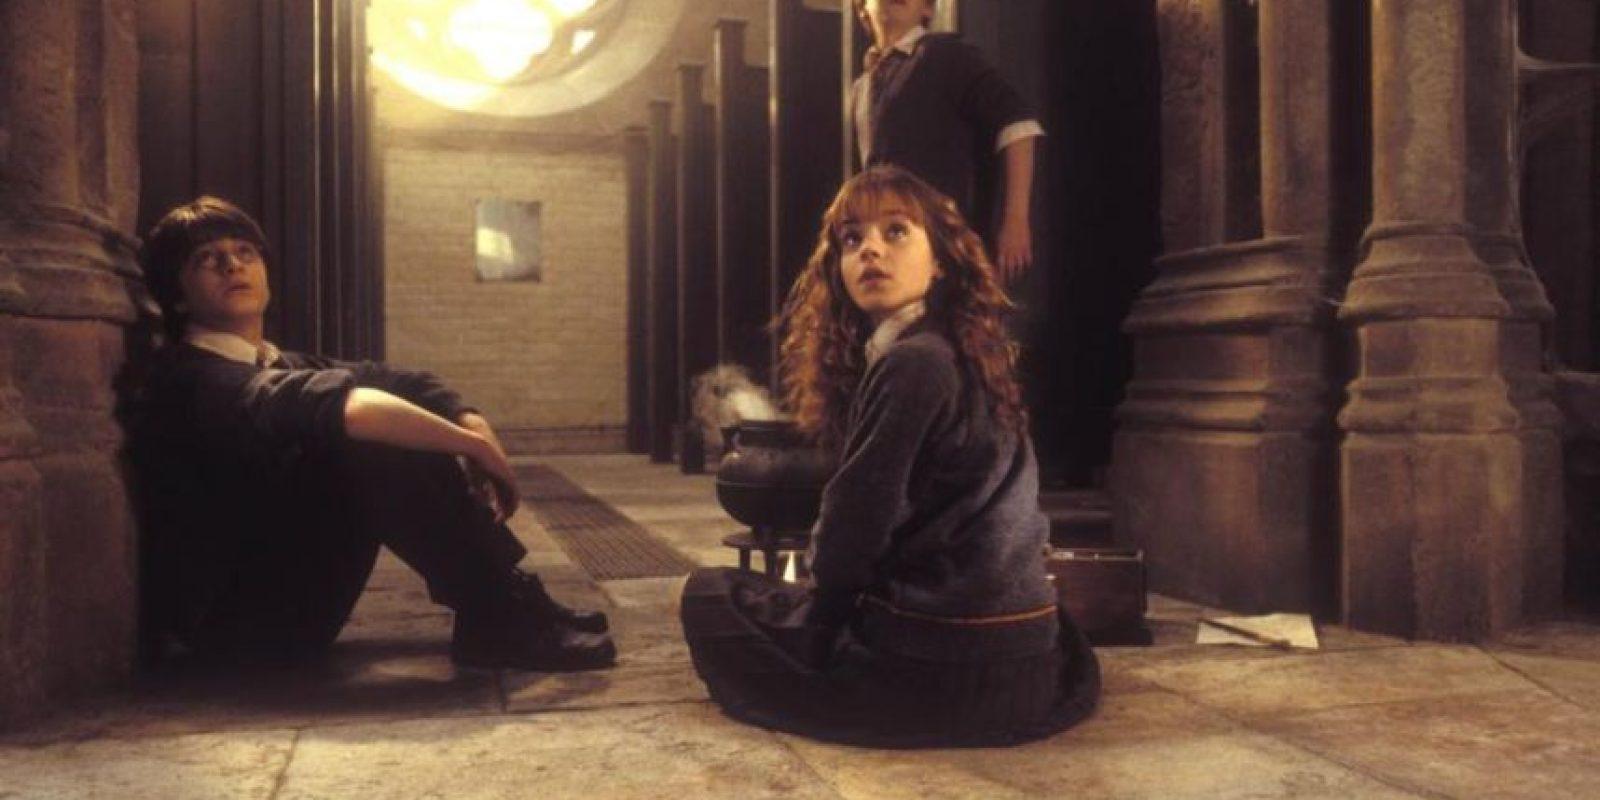 El filme estará dirigido por David Yates, director de cuatro películas de la saga. Foto:Vía facebook.com/harrypottermovies